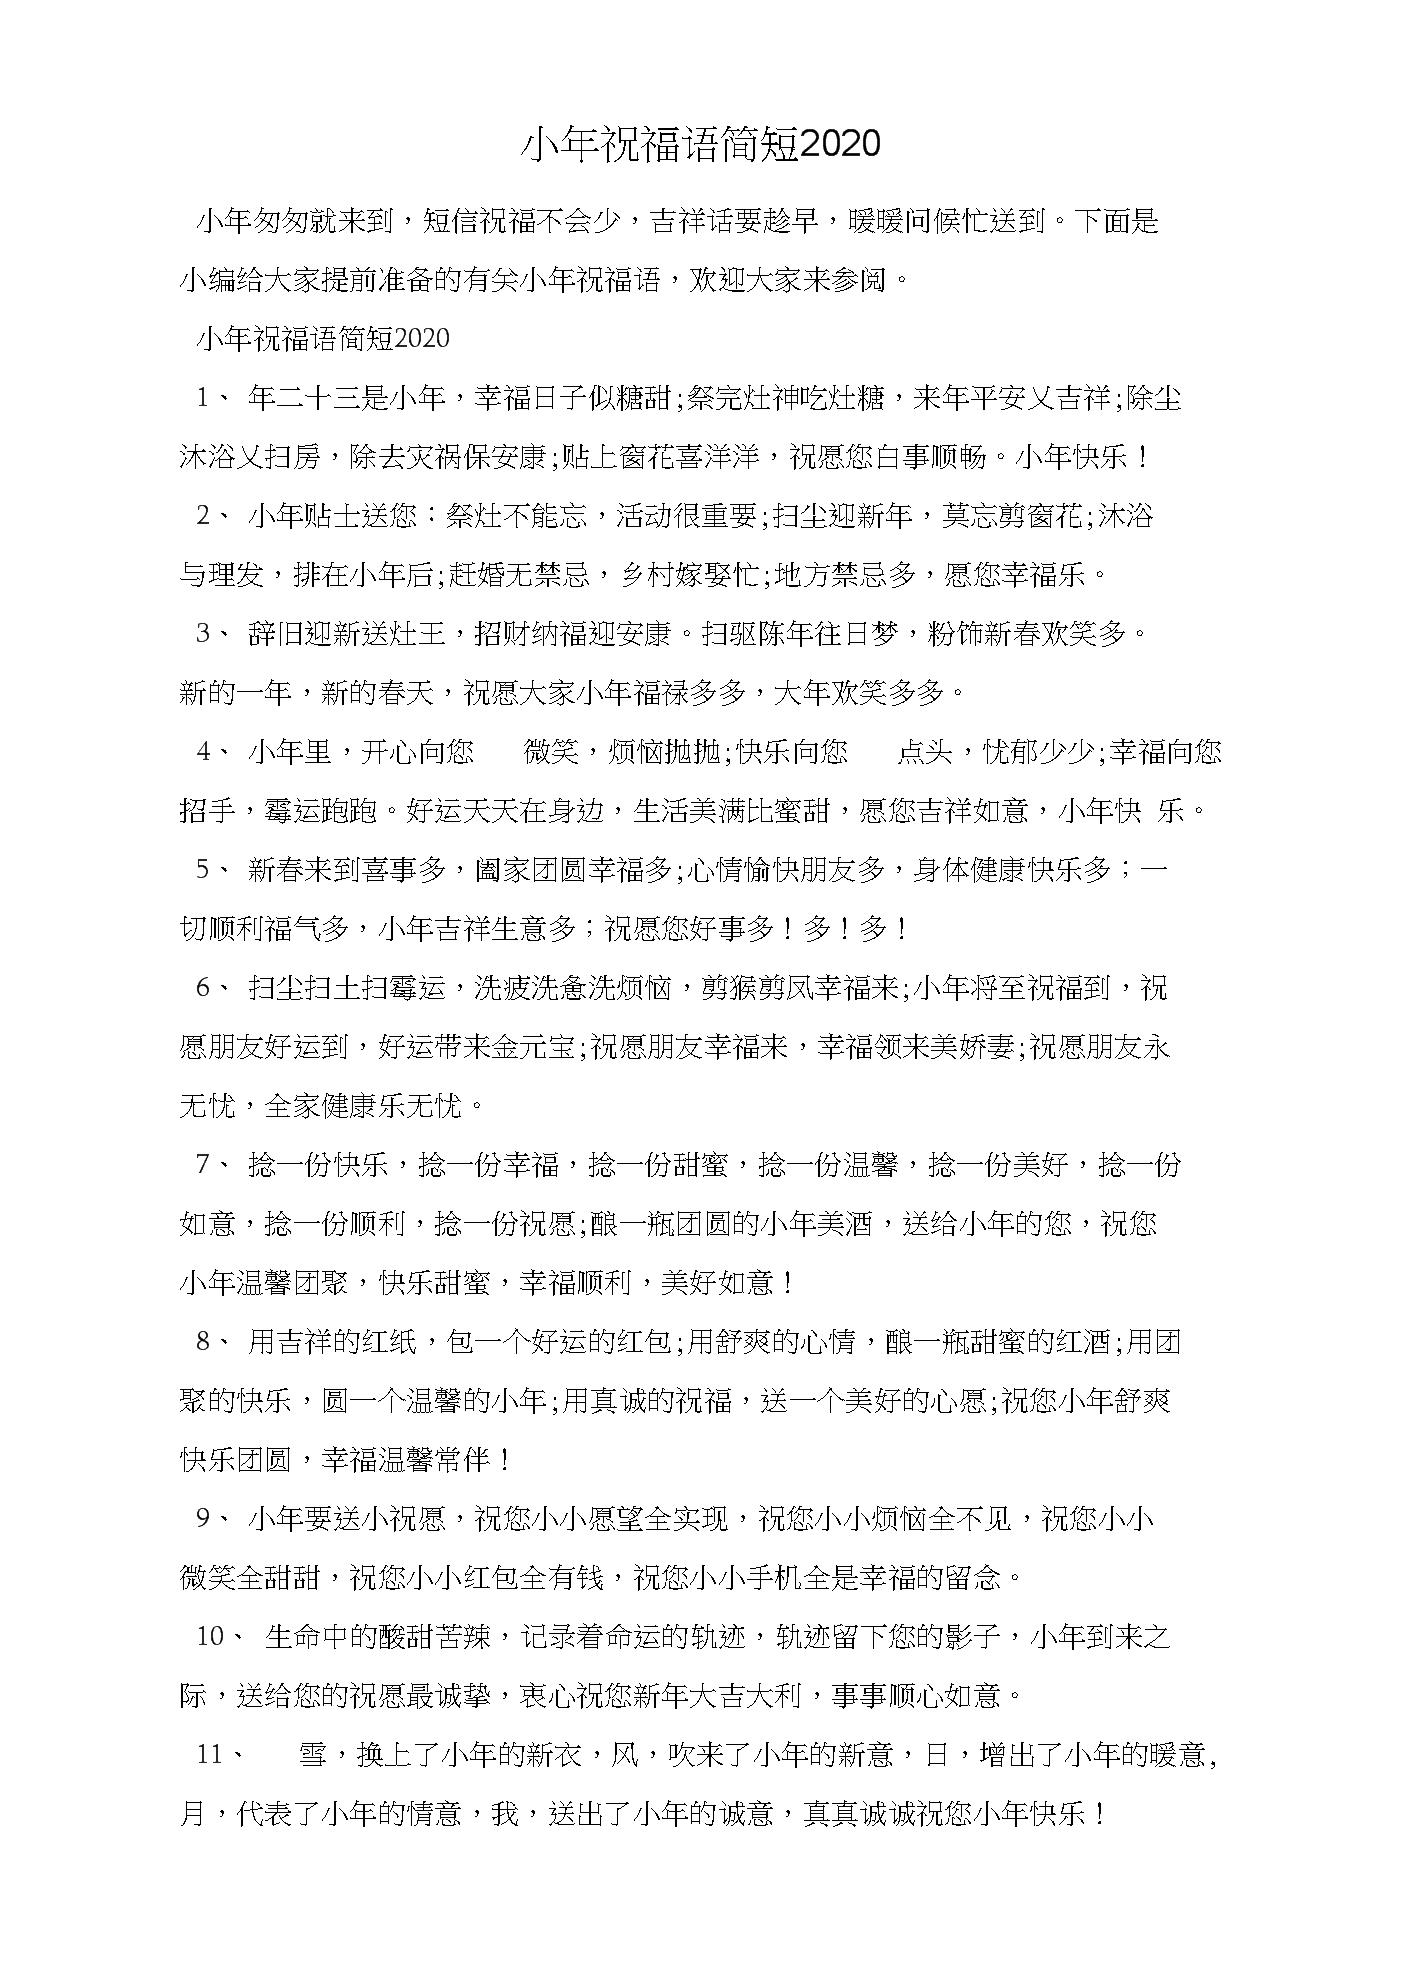 小年祝福语简短2021.docx